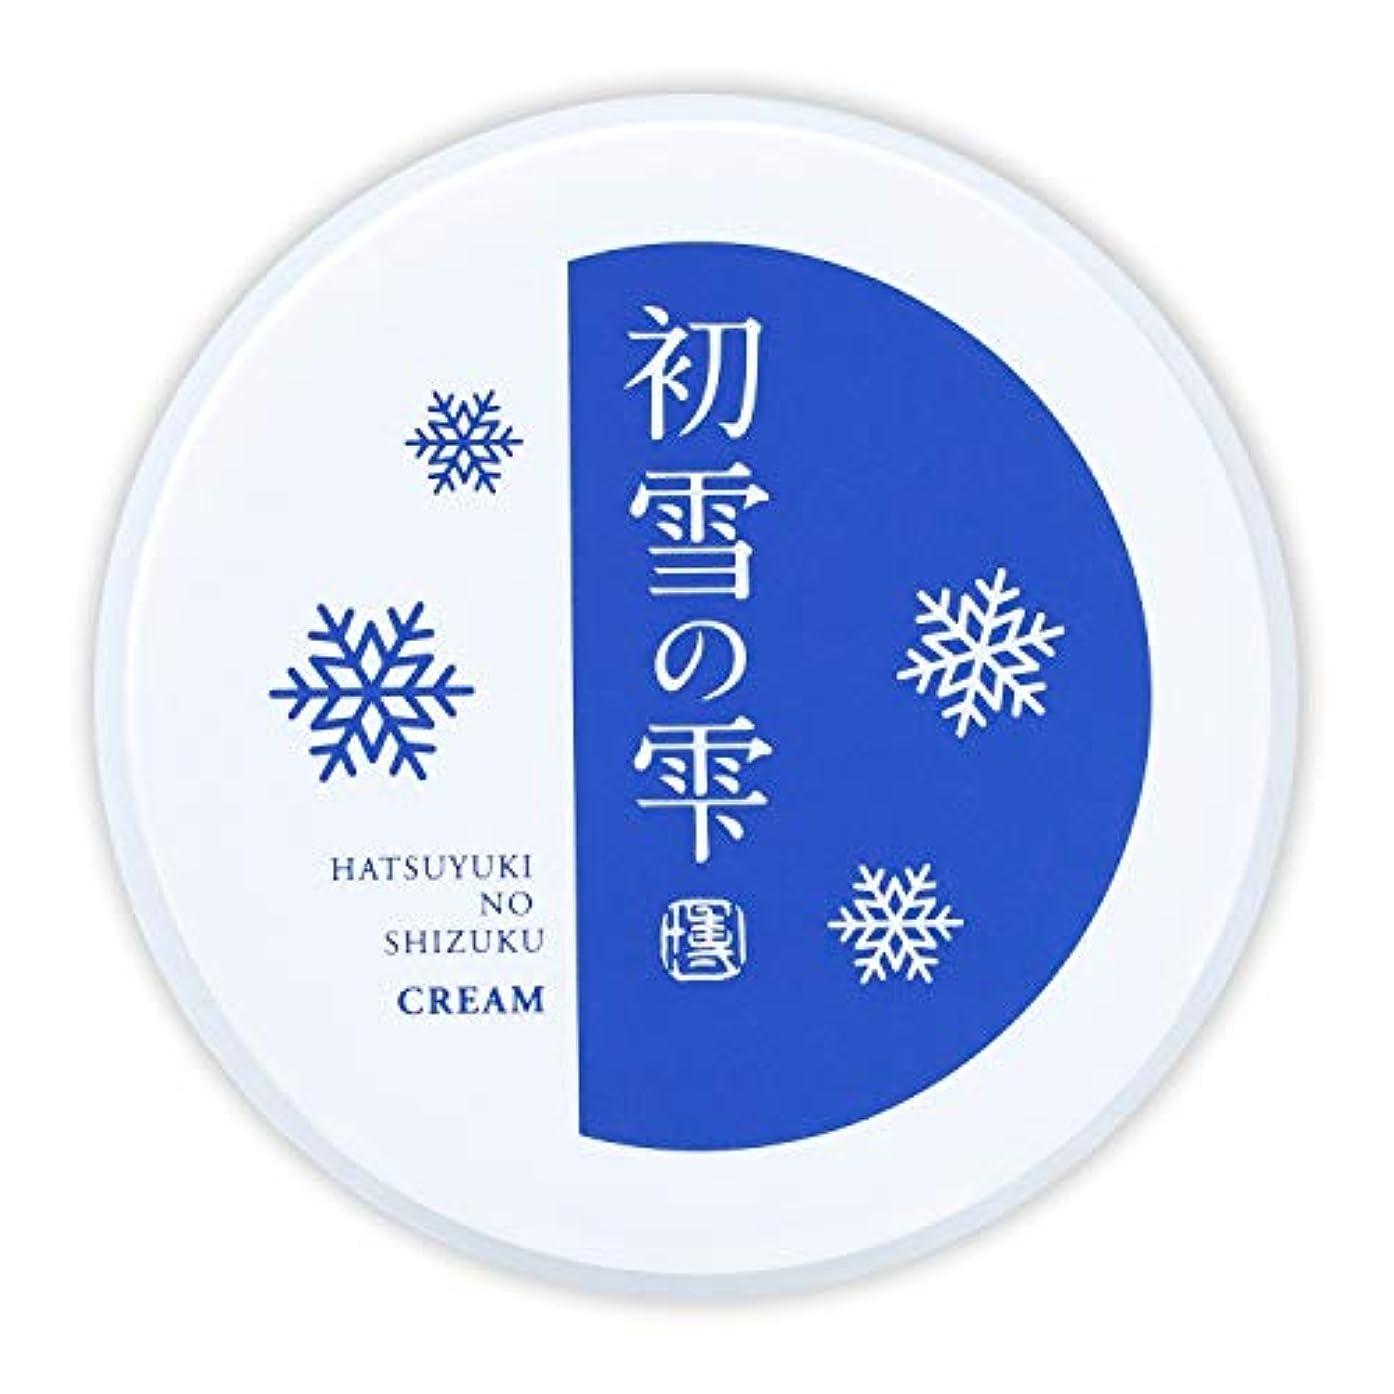 引退する誘惑尊敬する初雪の雫 オールインワン 保湿 クリーム 27g 約2週間分 [プラセンタ ヒアルロン酸 セラミド アルブチン ビタミンC ]